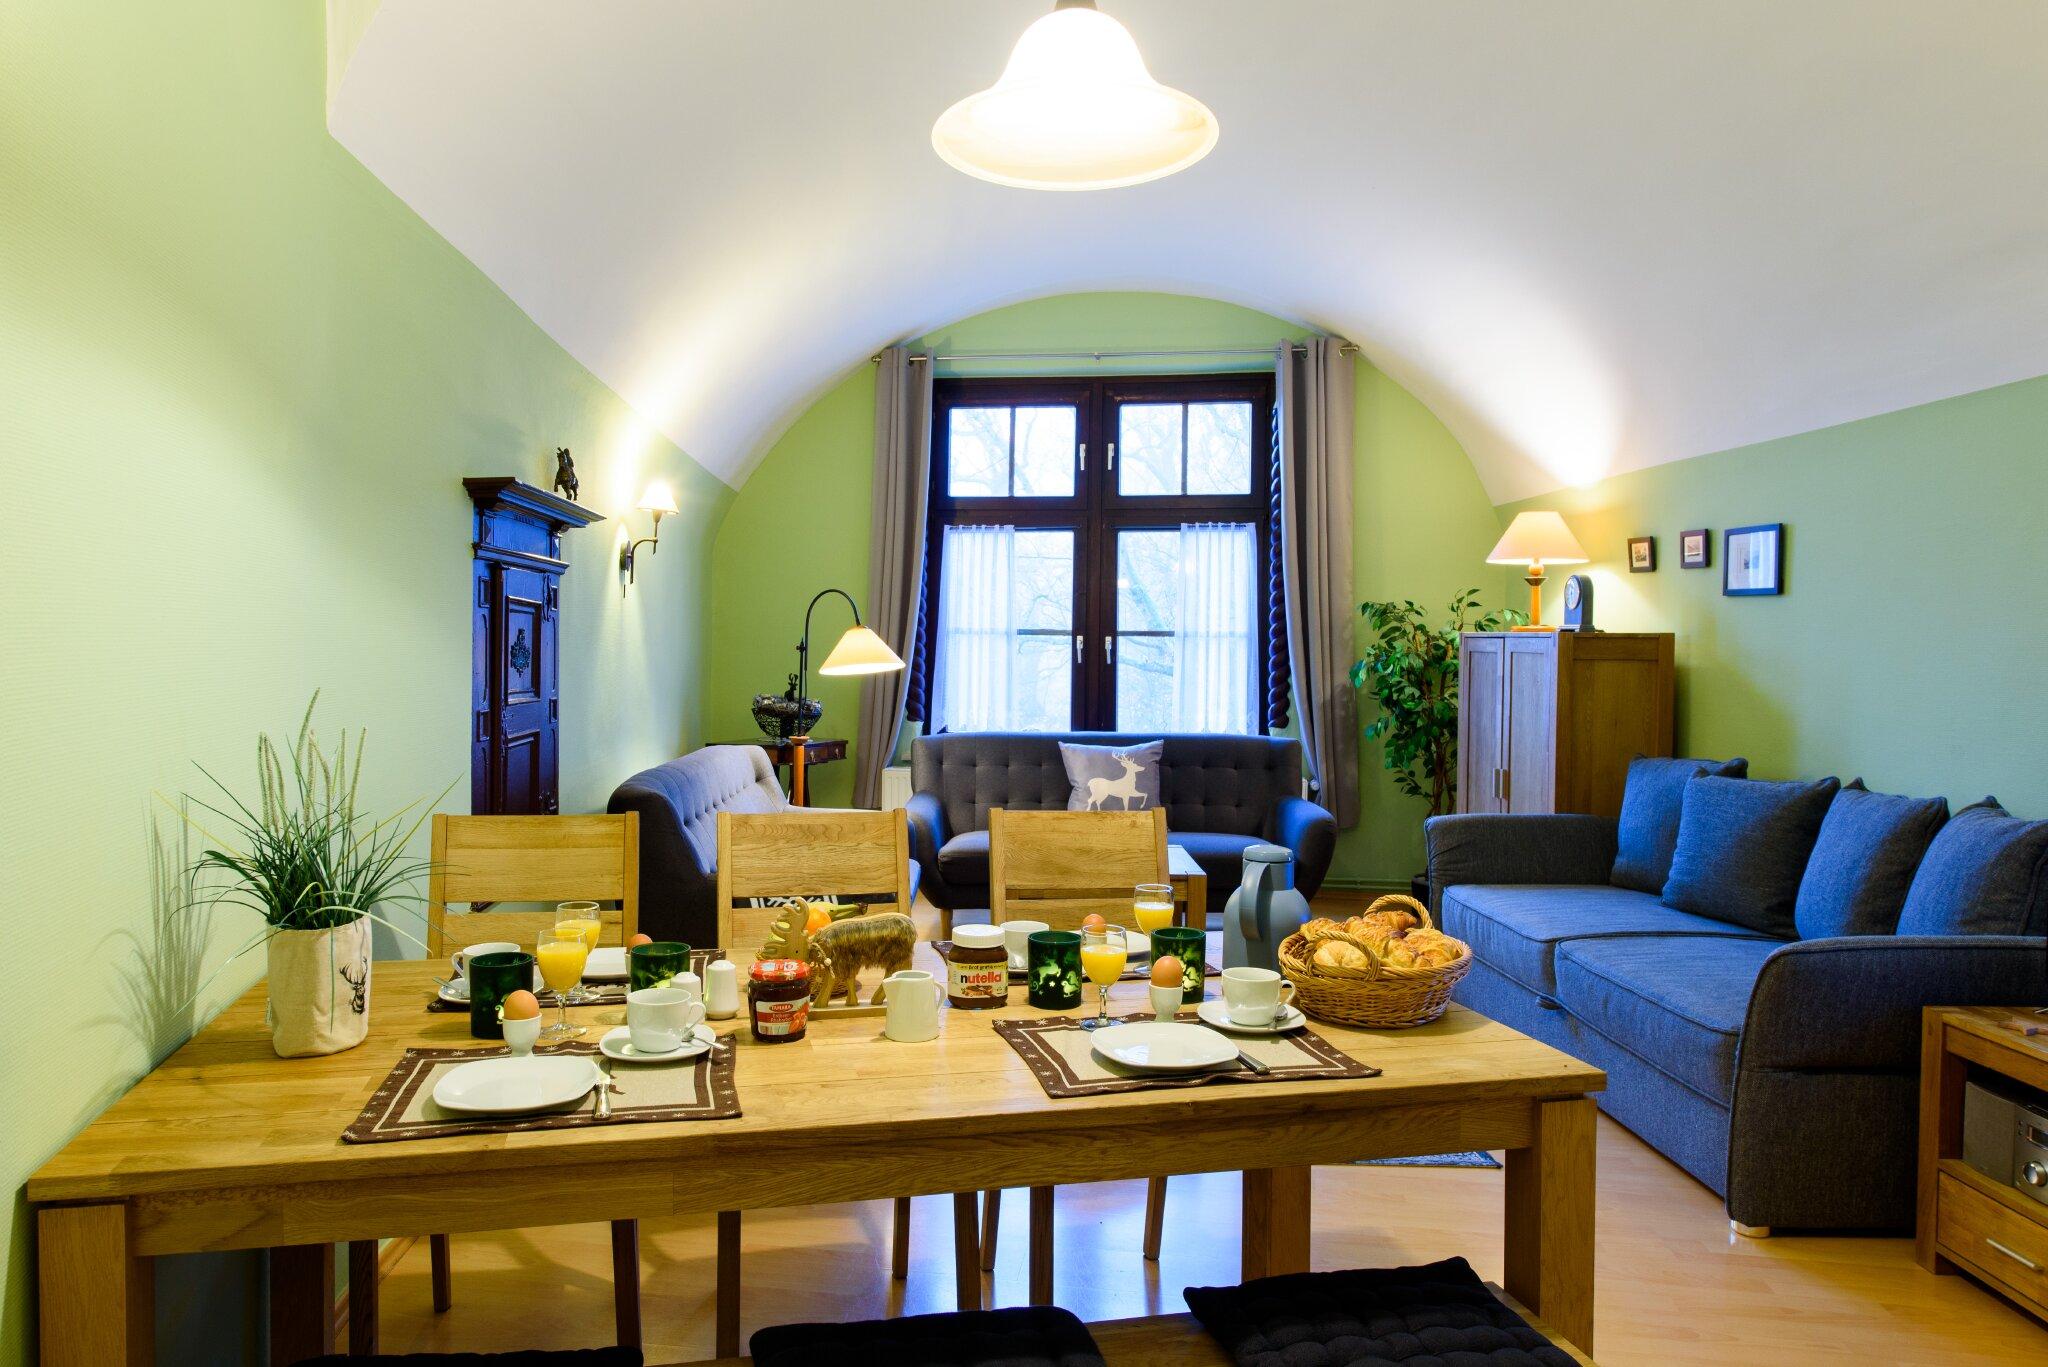 Burggraf Wohnzimmer mit Schrankbetten